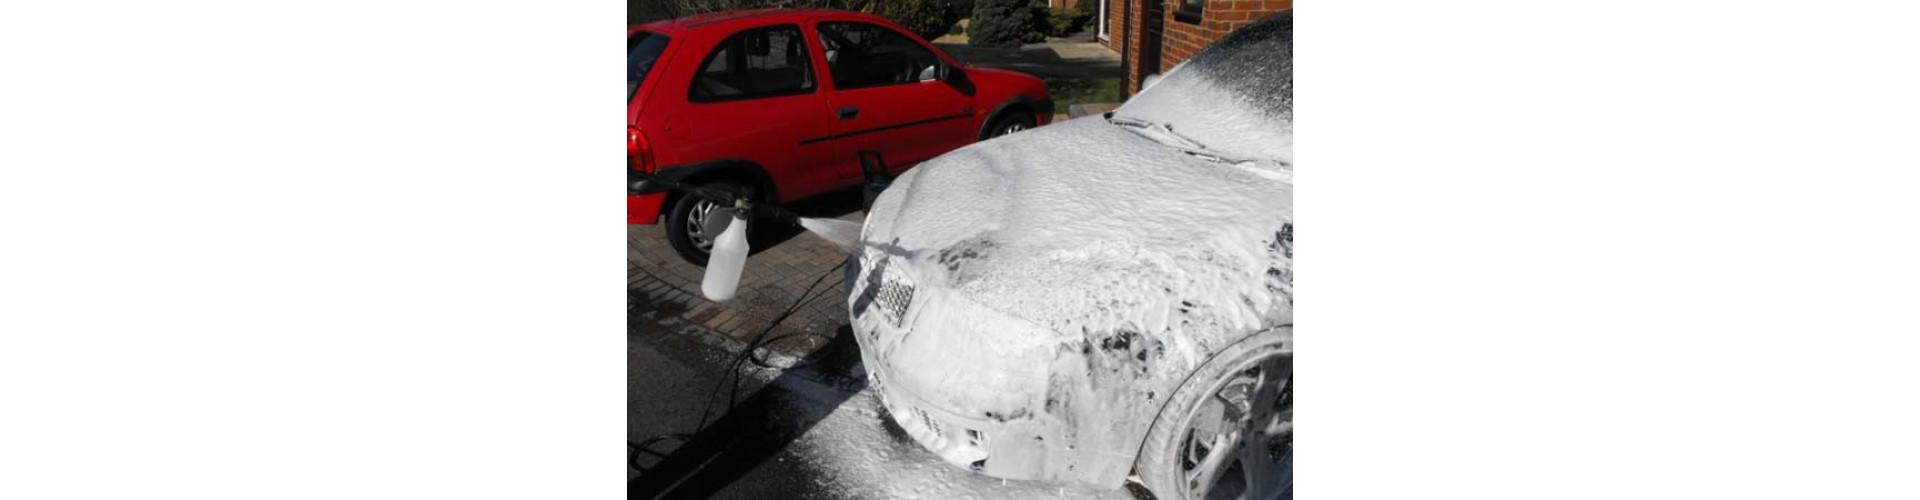 Фото нанесения пены на Audi RS6 с помощью пенной насадки и АВД Nilfisk